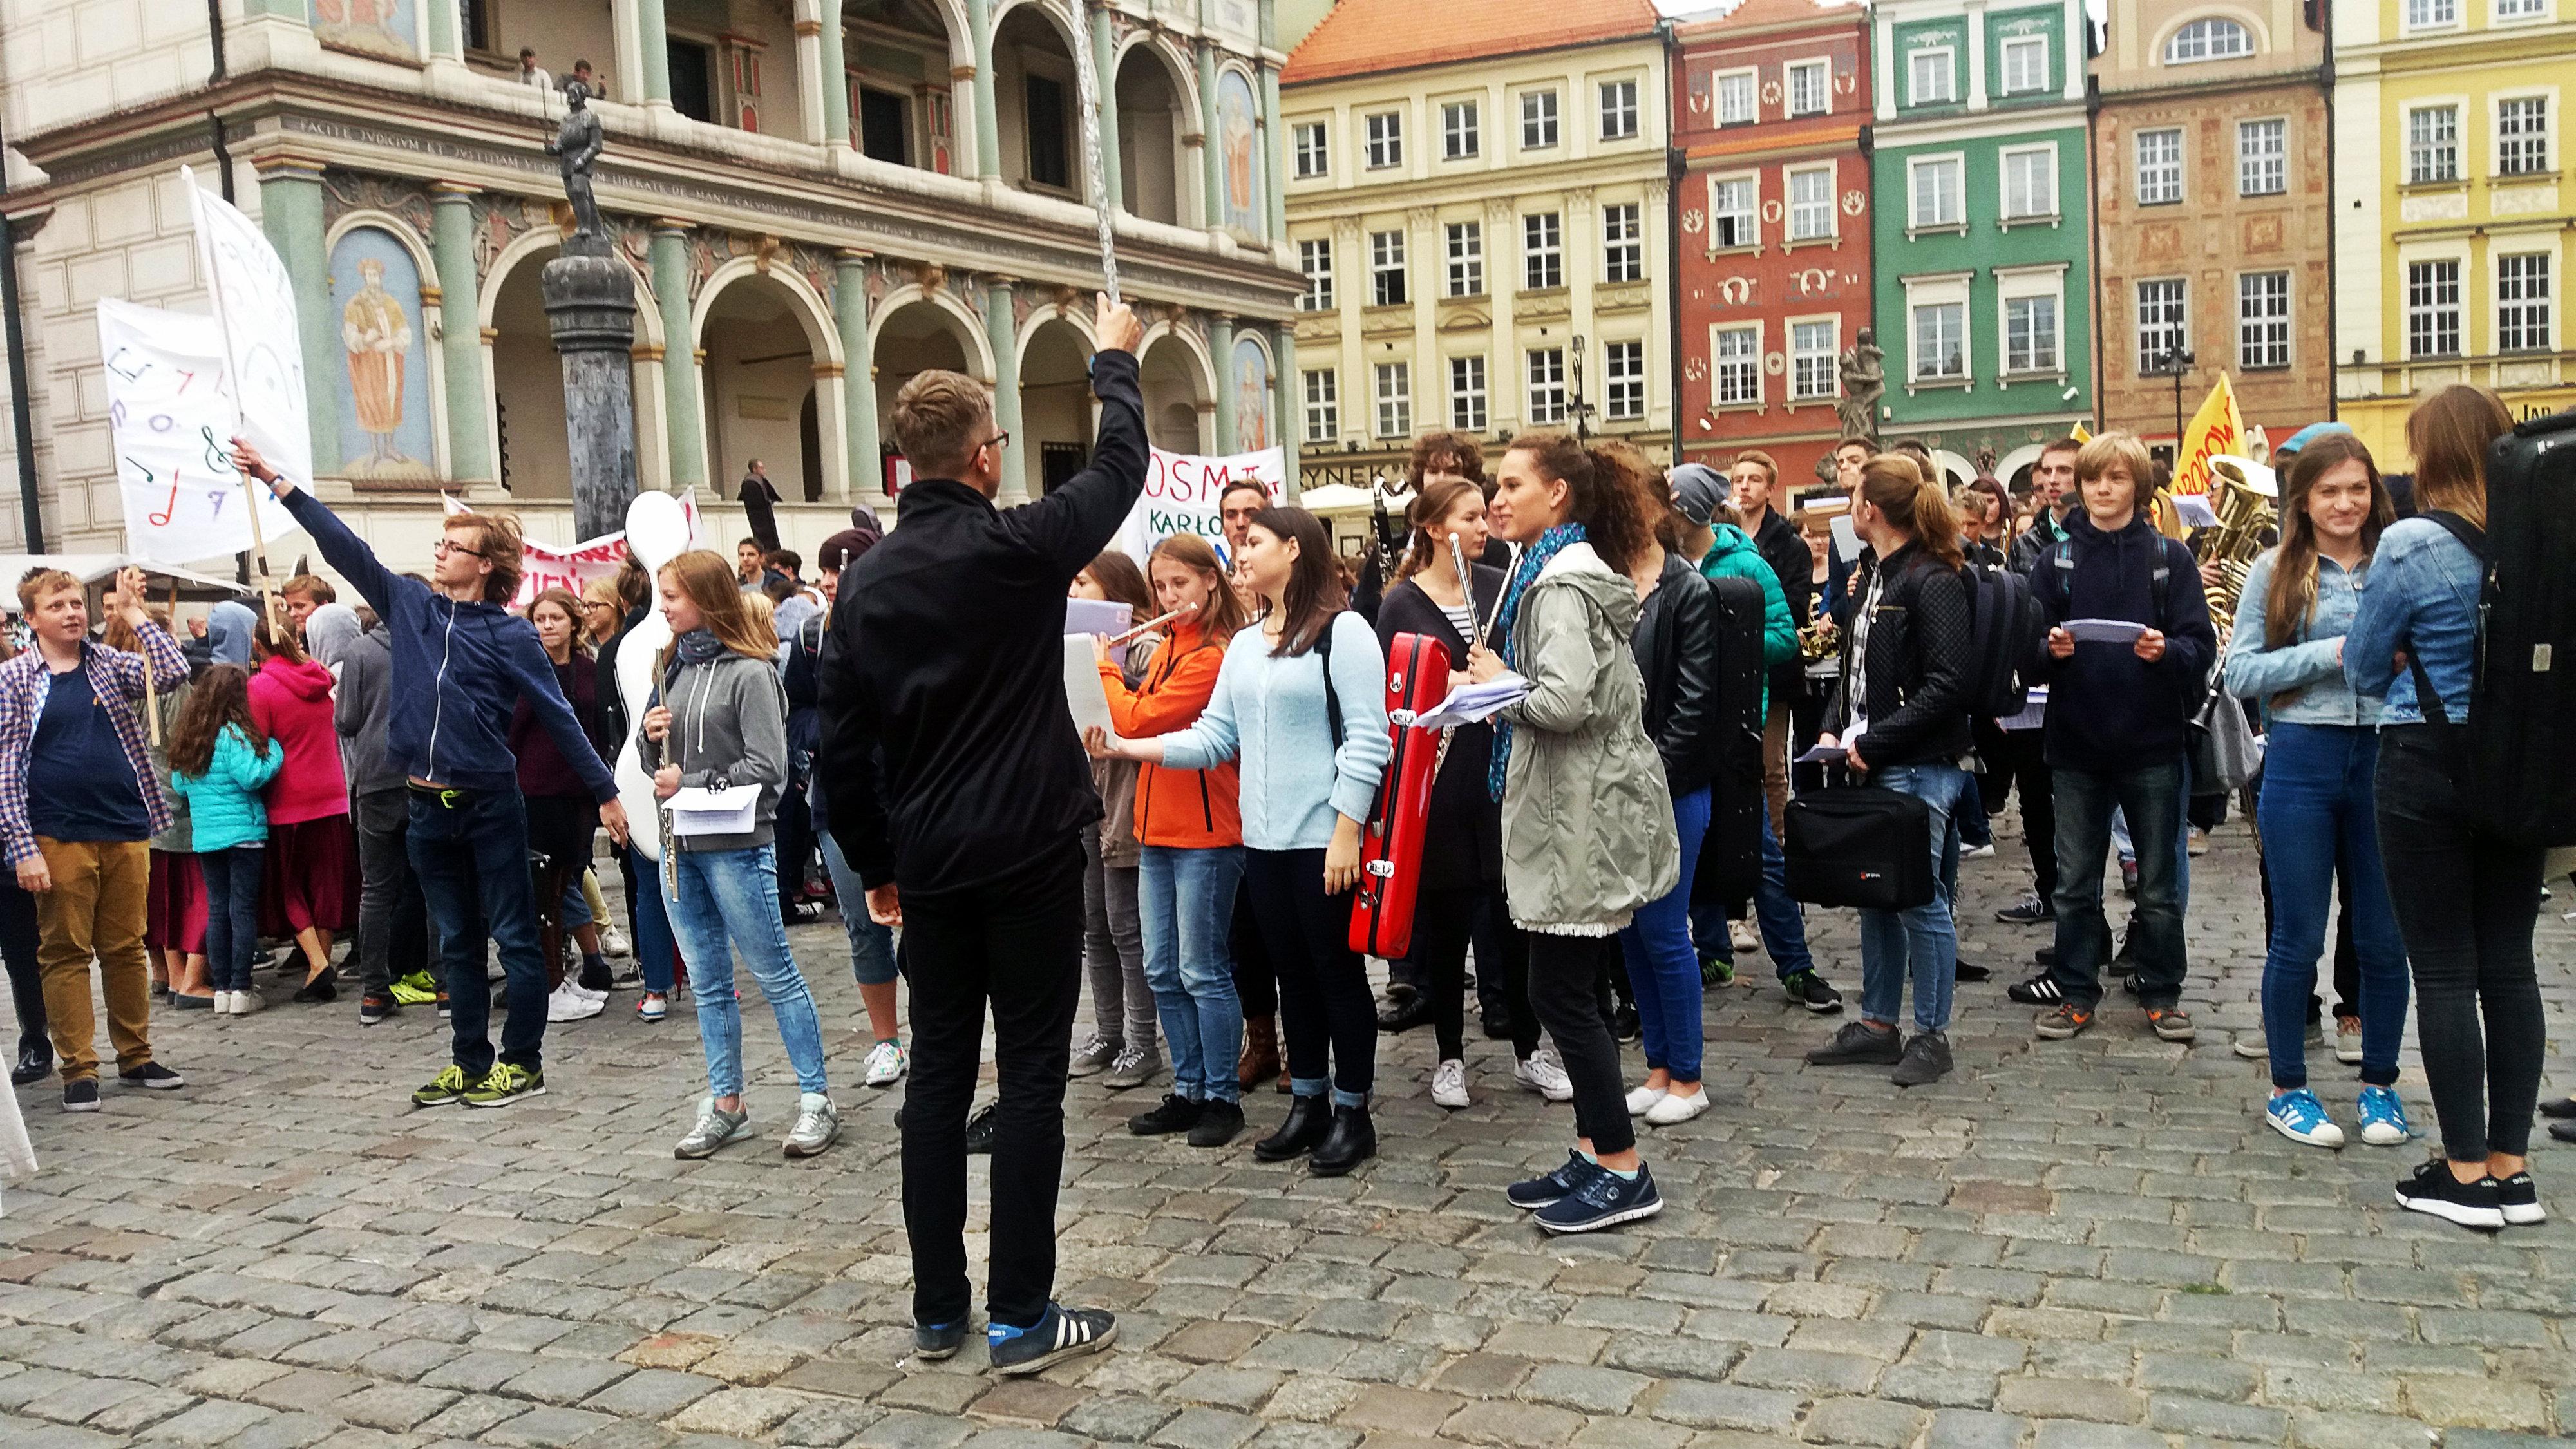 Szybka migawka - Dzień Muzyki  Foto: lepszyPOZNAN.pl / jg